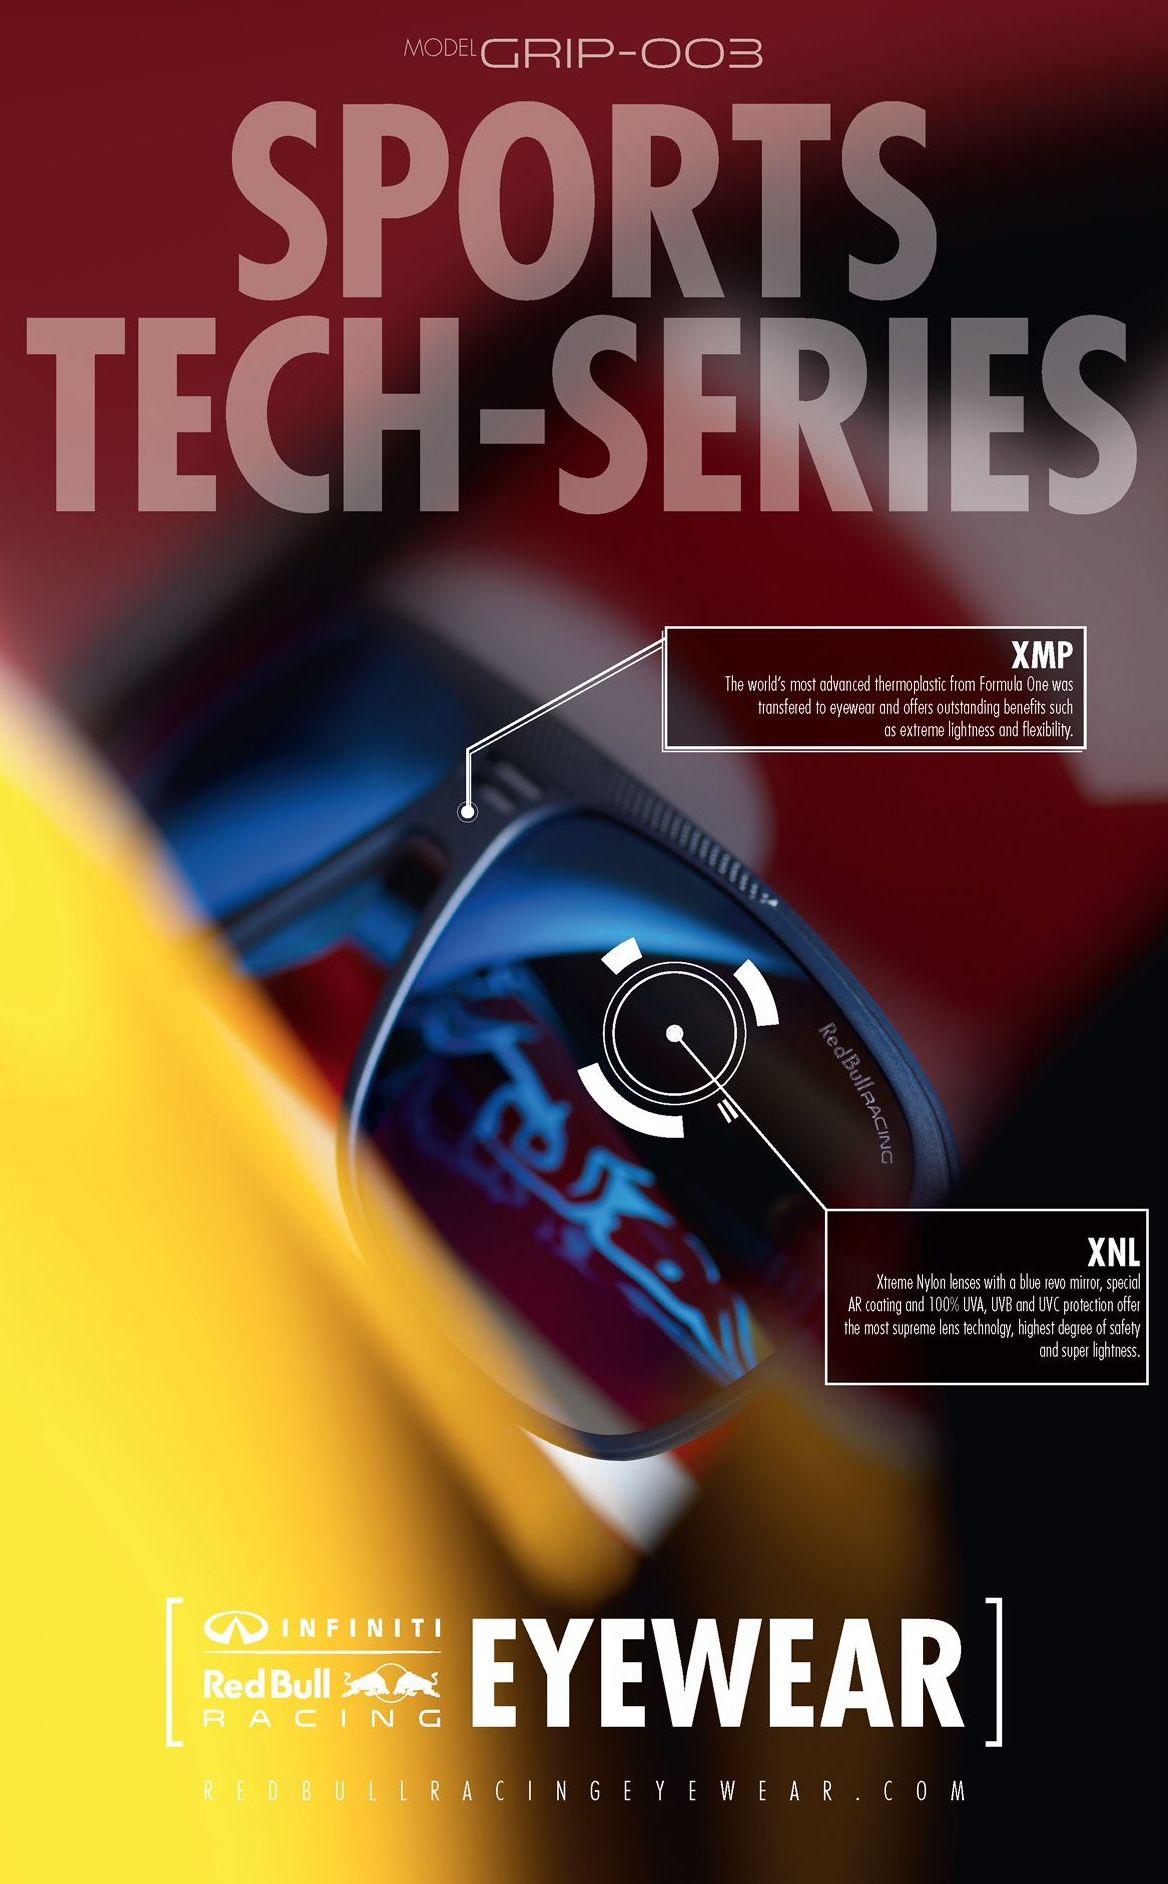 Colección de gafas Red Bull Sports Tech Series